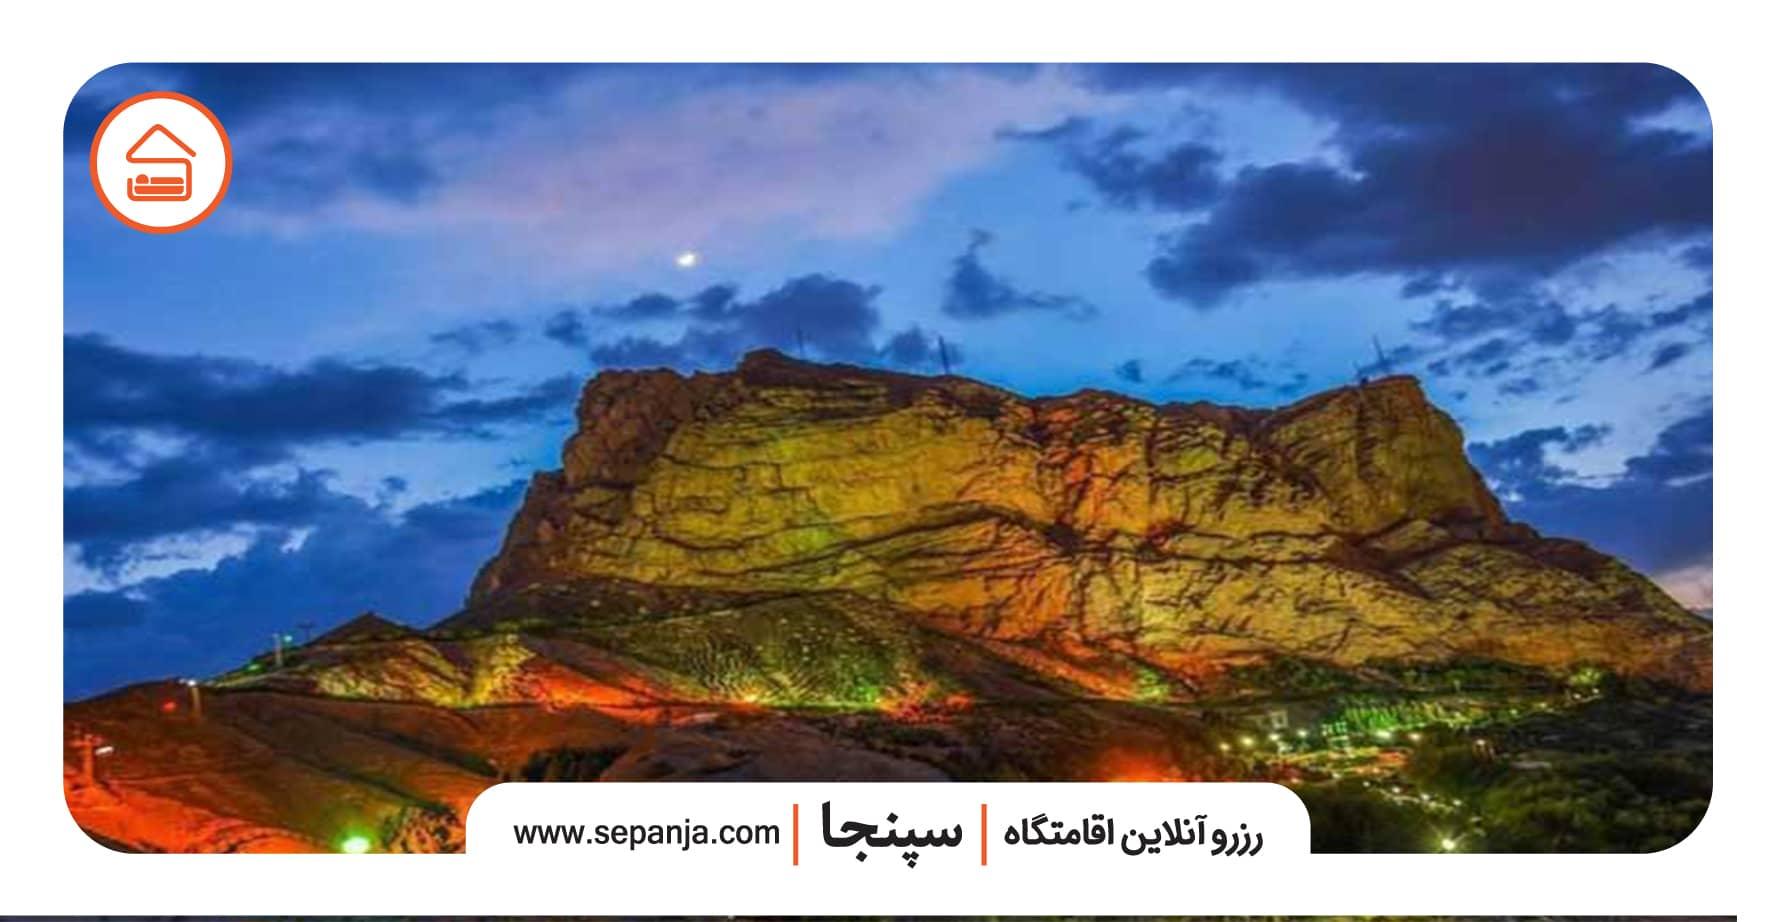 تفرجگاه کوه صفه در شهر اصفهان